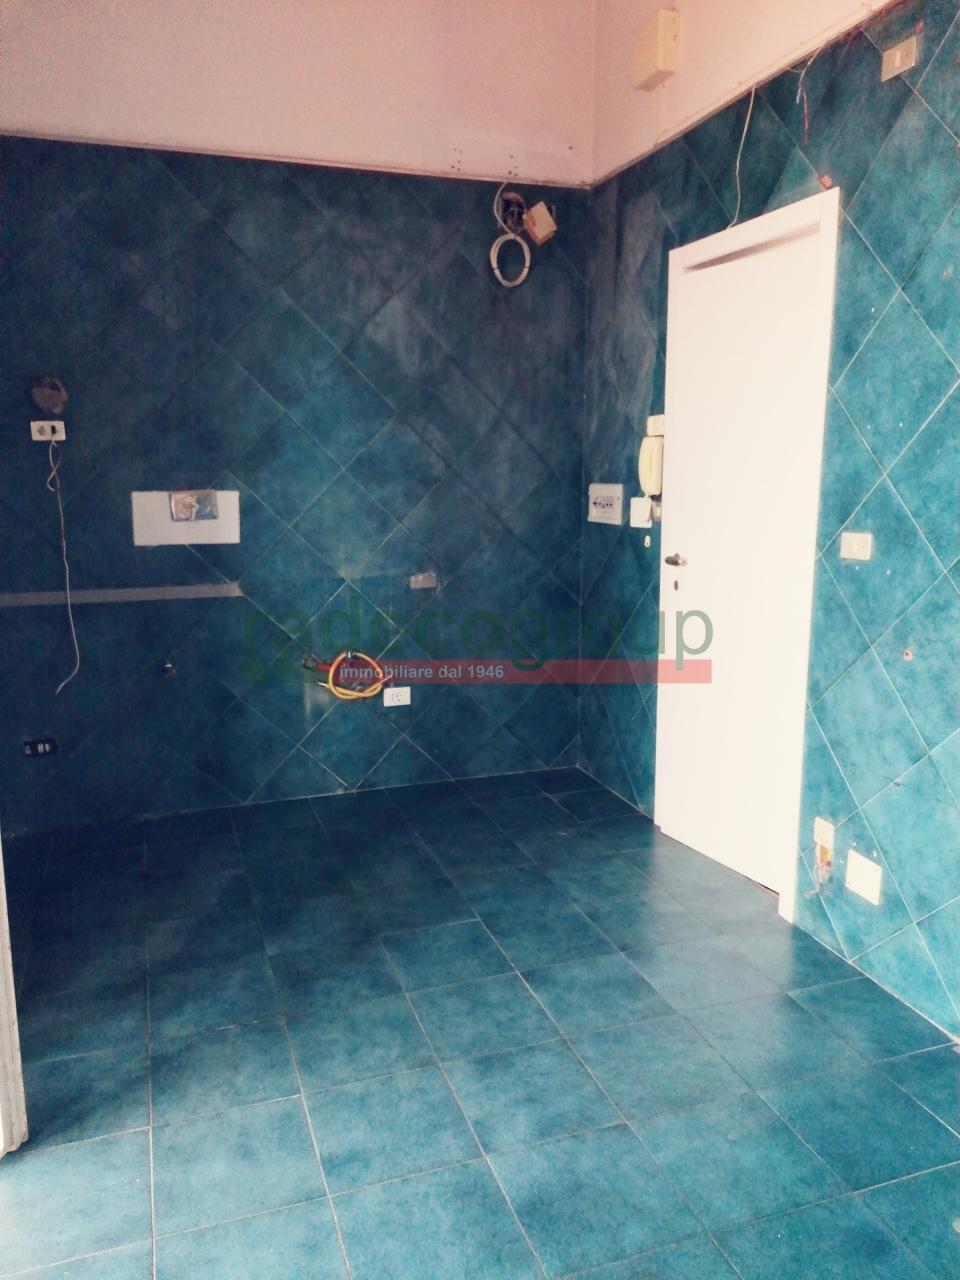 Appartamento - Antignano, Livorno (15/16)